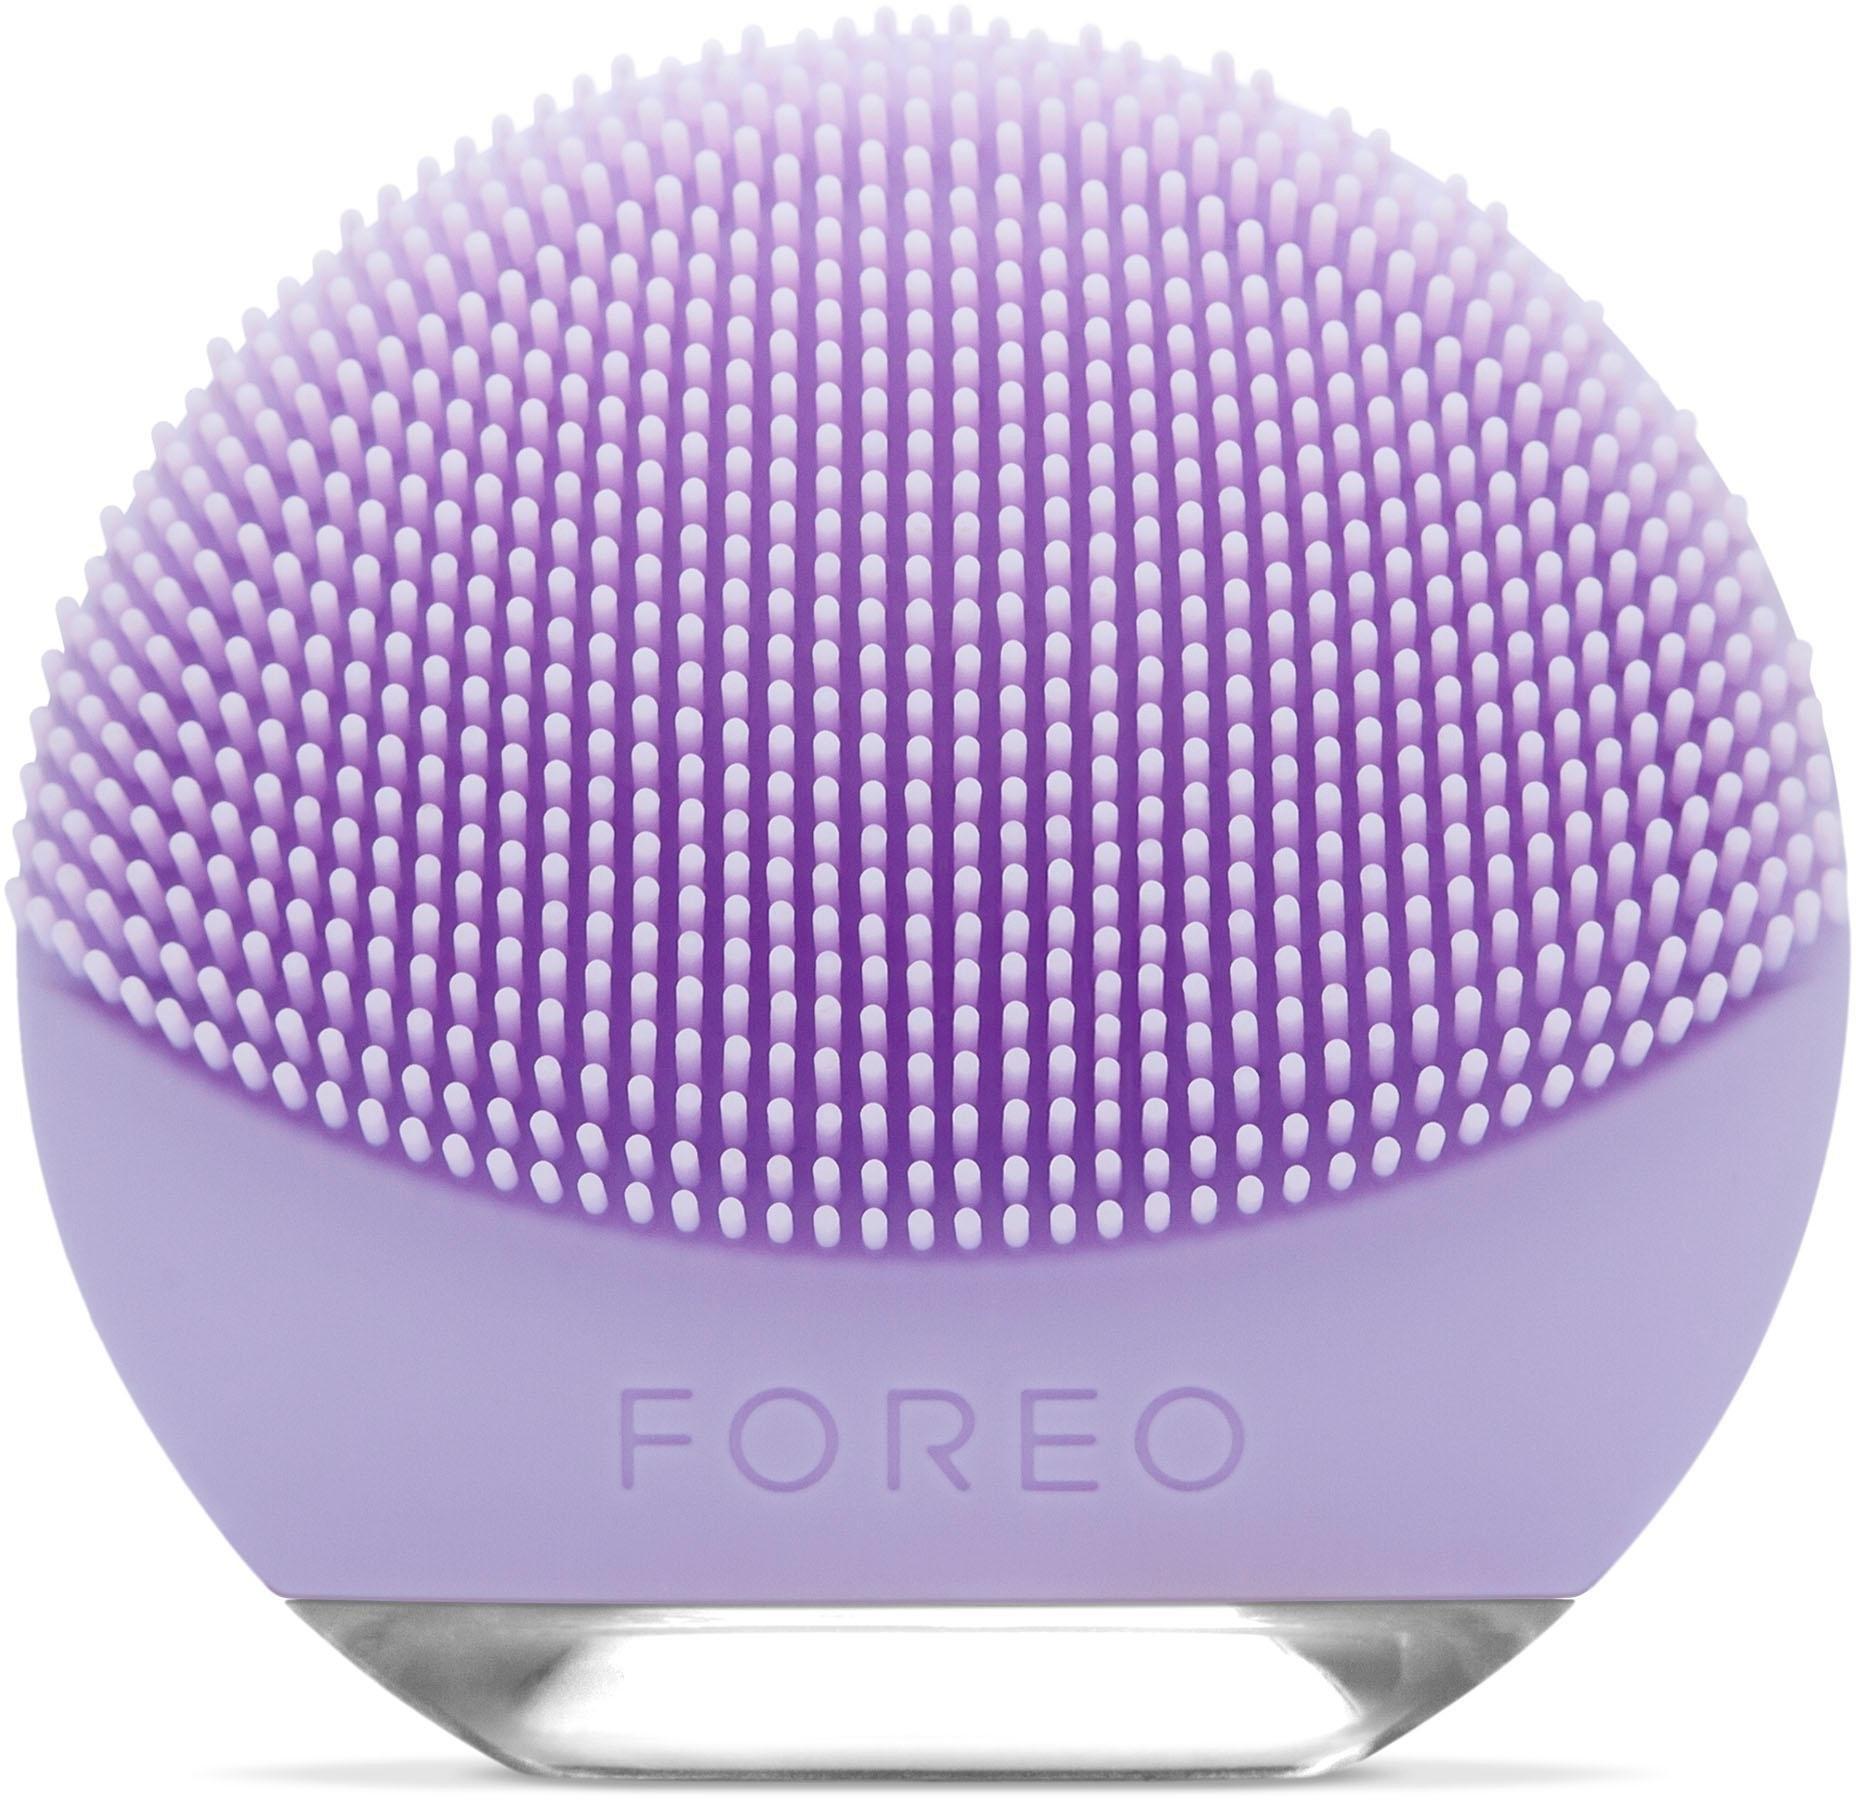 FOREO compacte gezichtsreinigingsborstel LUNA go voor de gevoelige huid, anti-agingapparaat nu online kopen bij OTTO